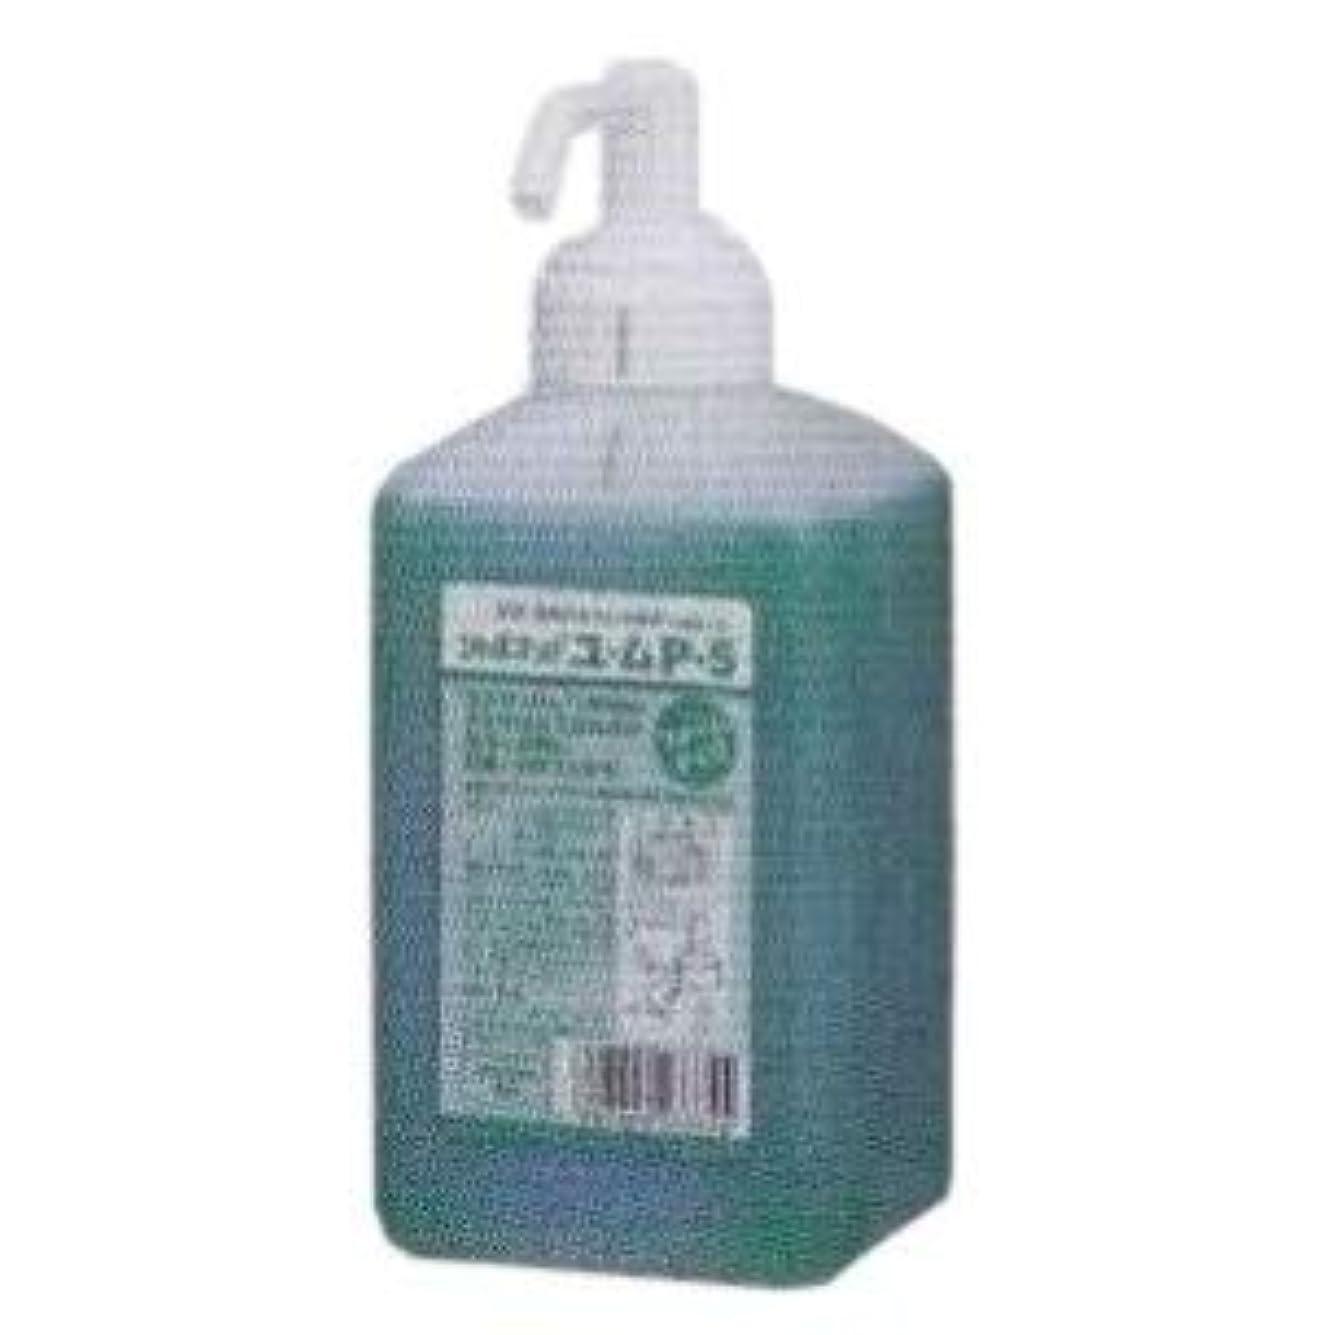 家事をする伝統的不完全サラヤ シャボネット ユ・ムP-5 1kg泡ポンプ付 無香料 サラヤ商品コード:23335